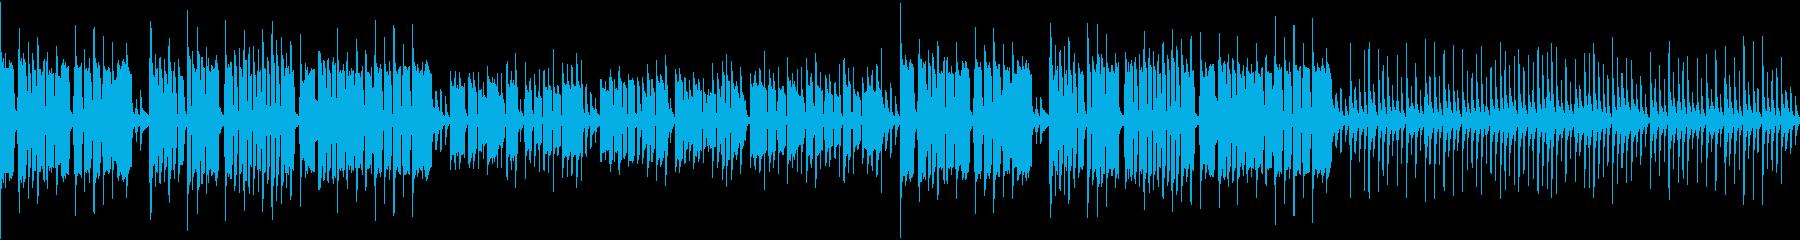 リコーダーが可愛い「お正月」ループ版の再生済みの波形